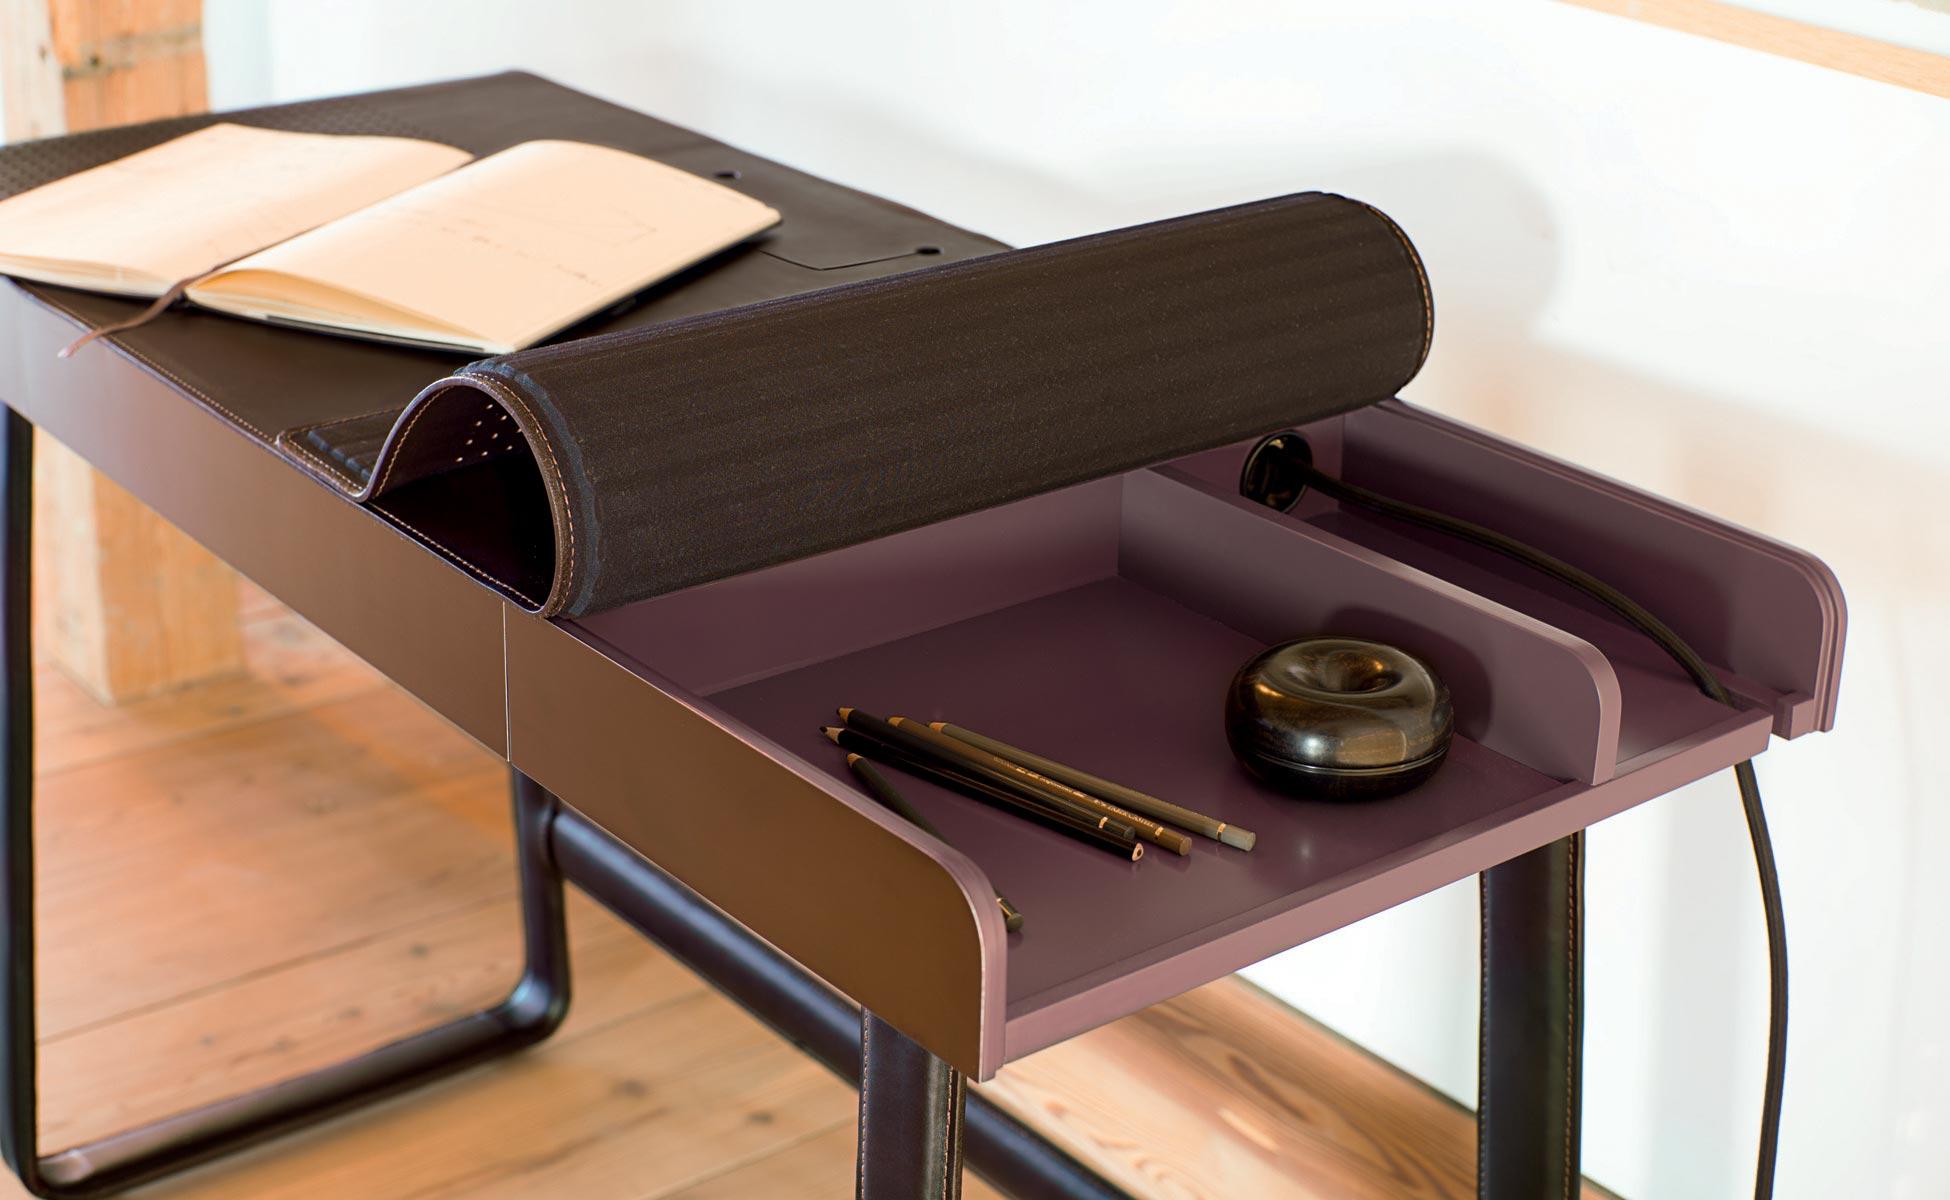 classicon m bel berlin steidten einrichten mit architekturintelligenz. Black Bedroom Furniture Sets. Home Design Ideas